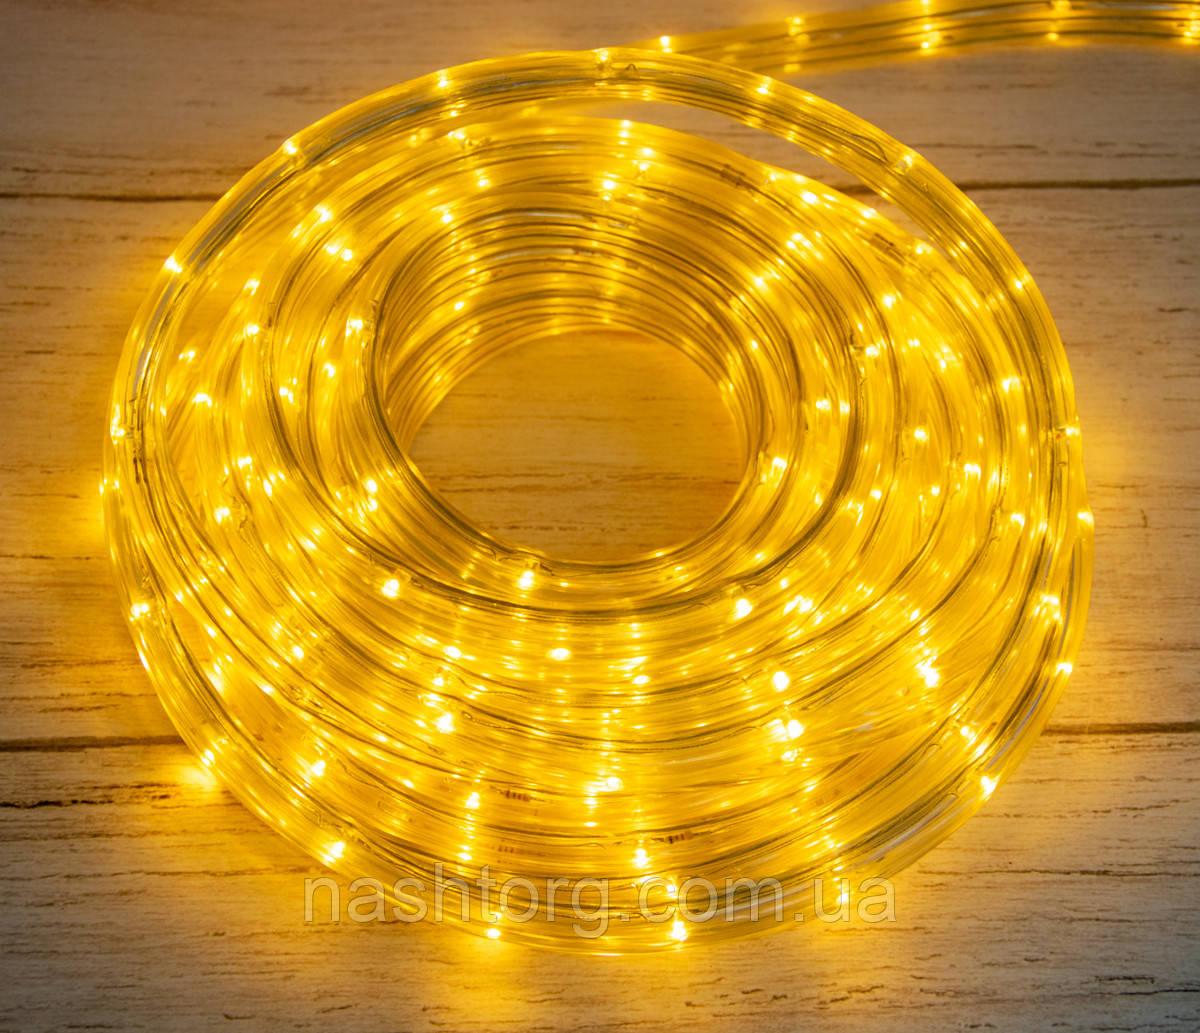 Новорічна світлодіодна гірлянда на 8 метрів Xmas Rope Light WW Теплий білий, новорічна гірлянда на ялинку